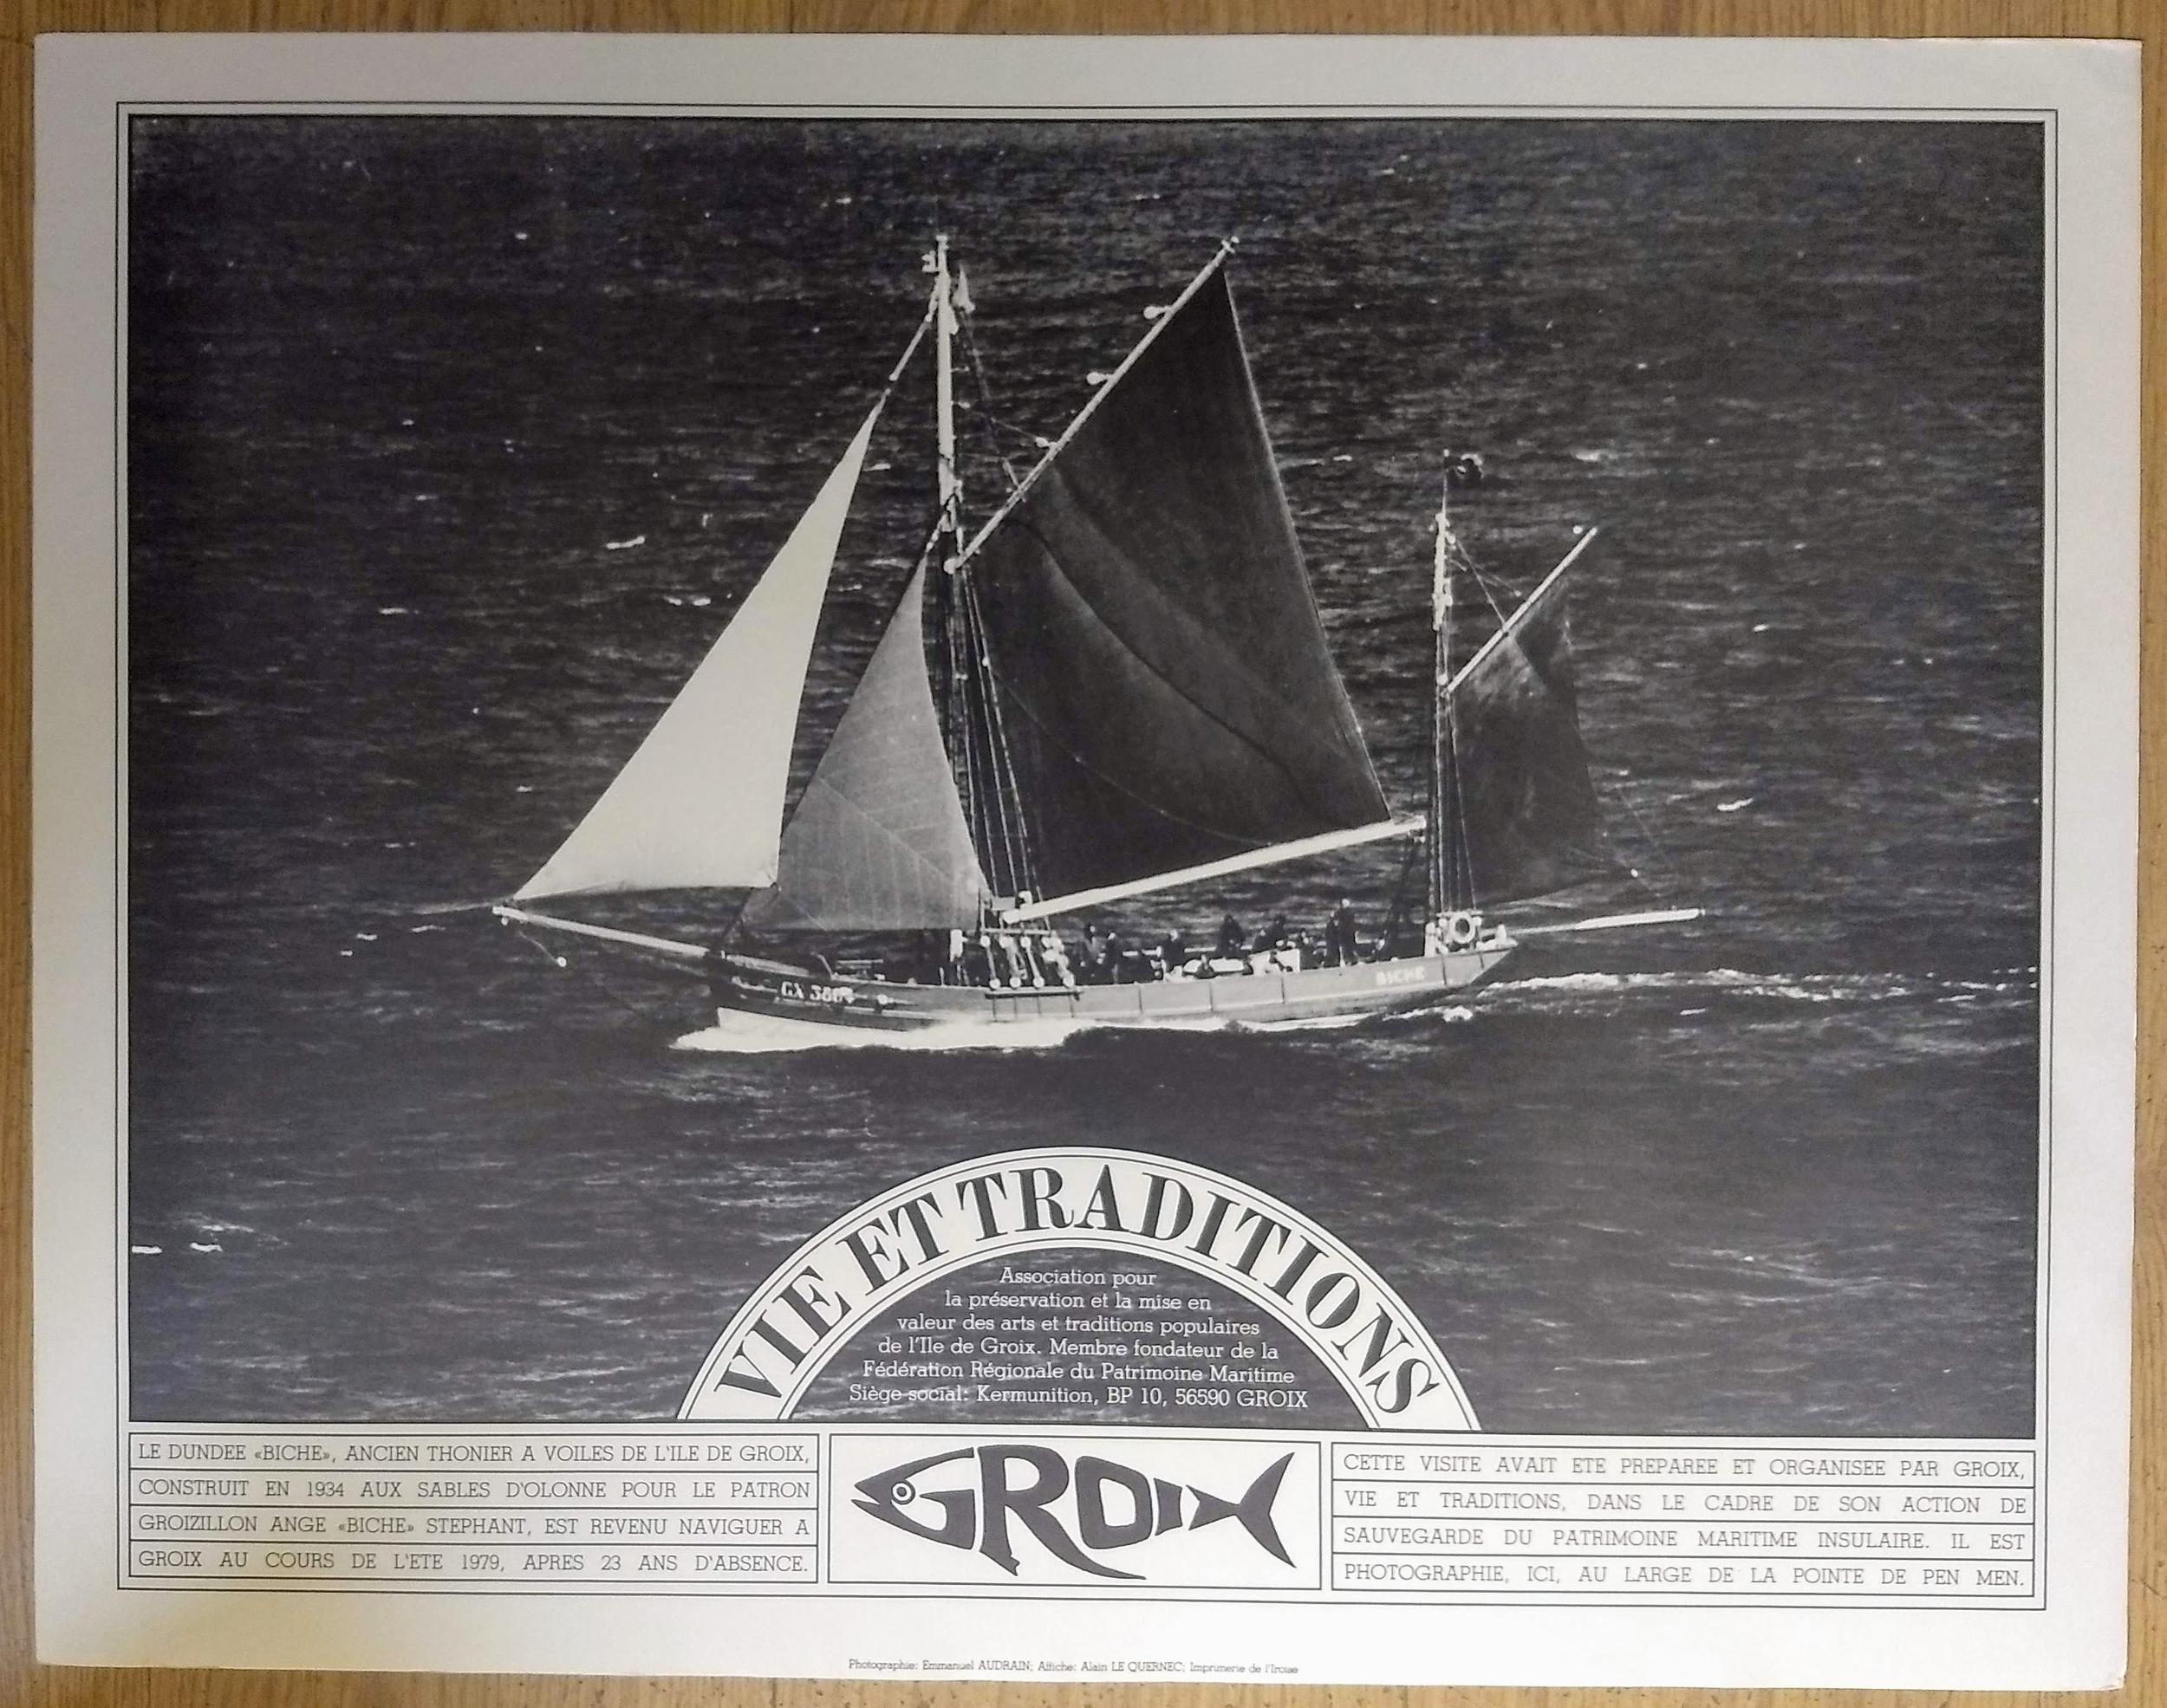 Affiche Groix, Vie et Traditions